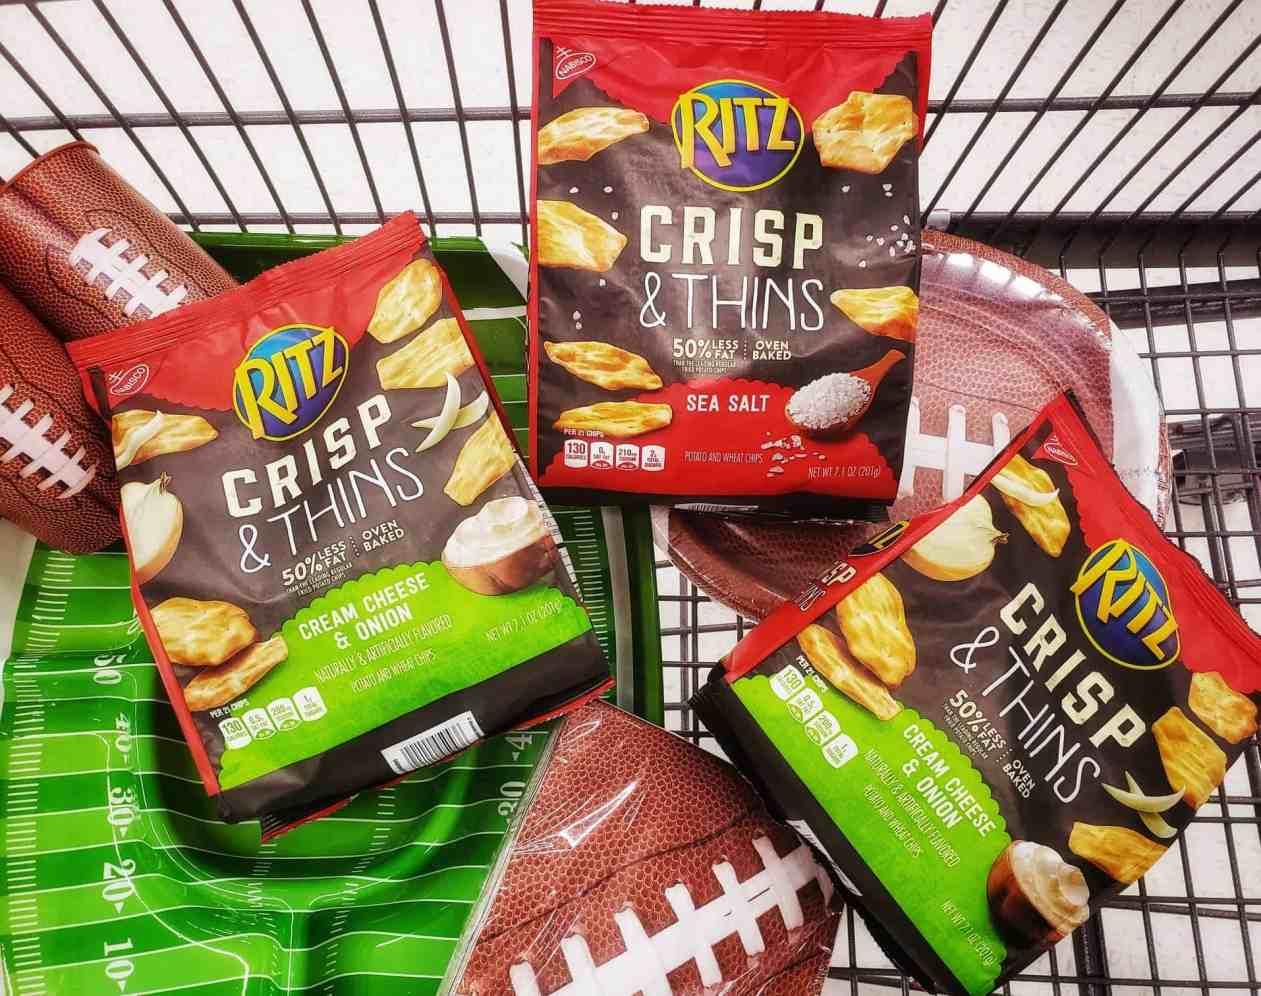 HOT Game Day SAVING on RITZ Crisp & Thins at Walmart - PLUS